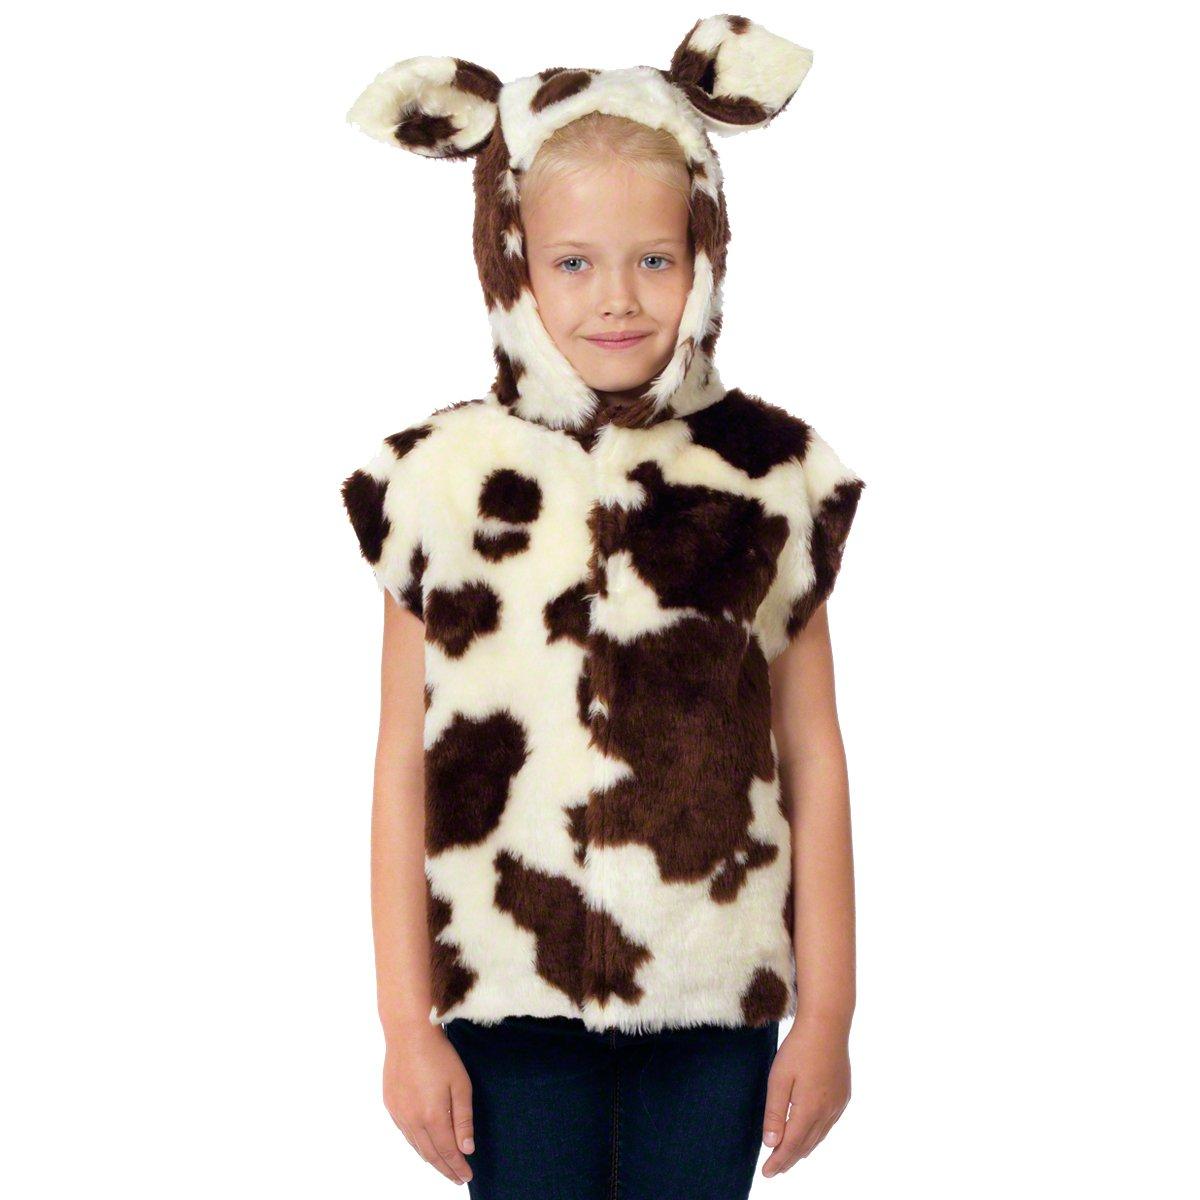 Unbekannt Charlie Crow Kuh Kuh Kuh kostüm für Kinder - Einheitsgröße 3-9 Jahre. ca9d8a